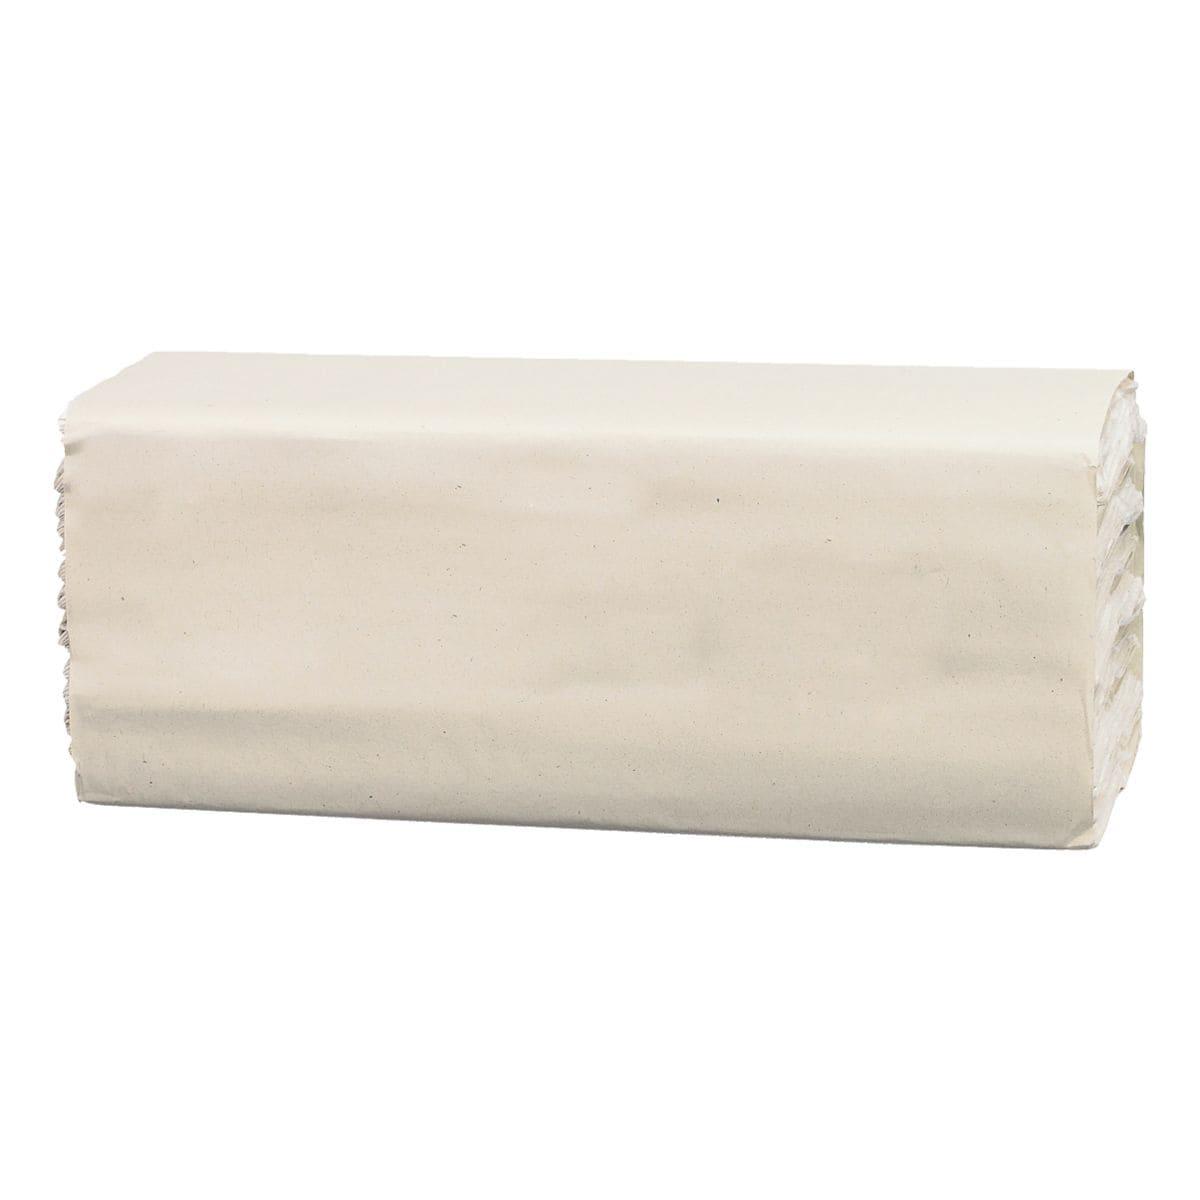 Essuie-mains en papier Satino comfort 2 épaisseurs, blanc, 25 cm x 23 cm de Papier recyclé avec pliage en C - 3072 feuilles au total